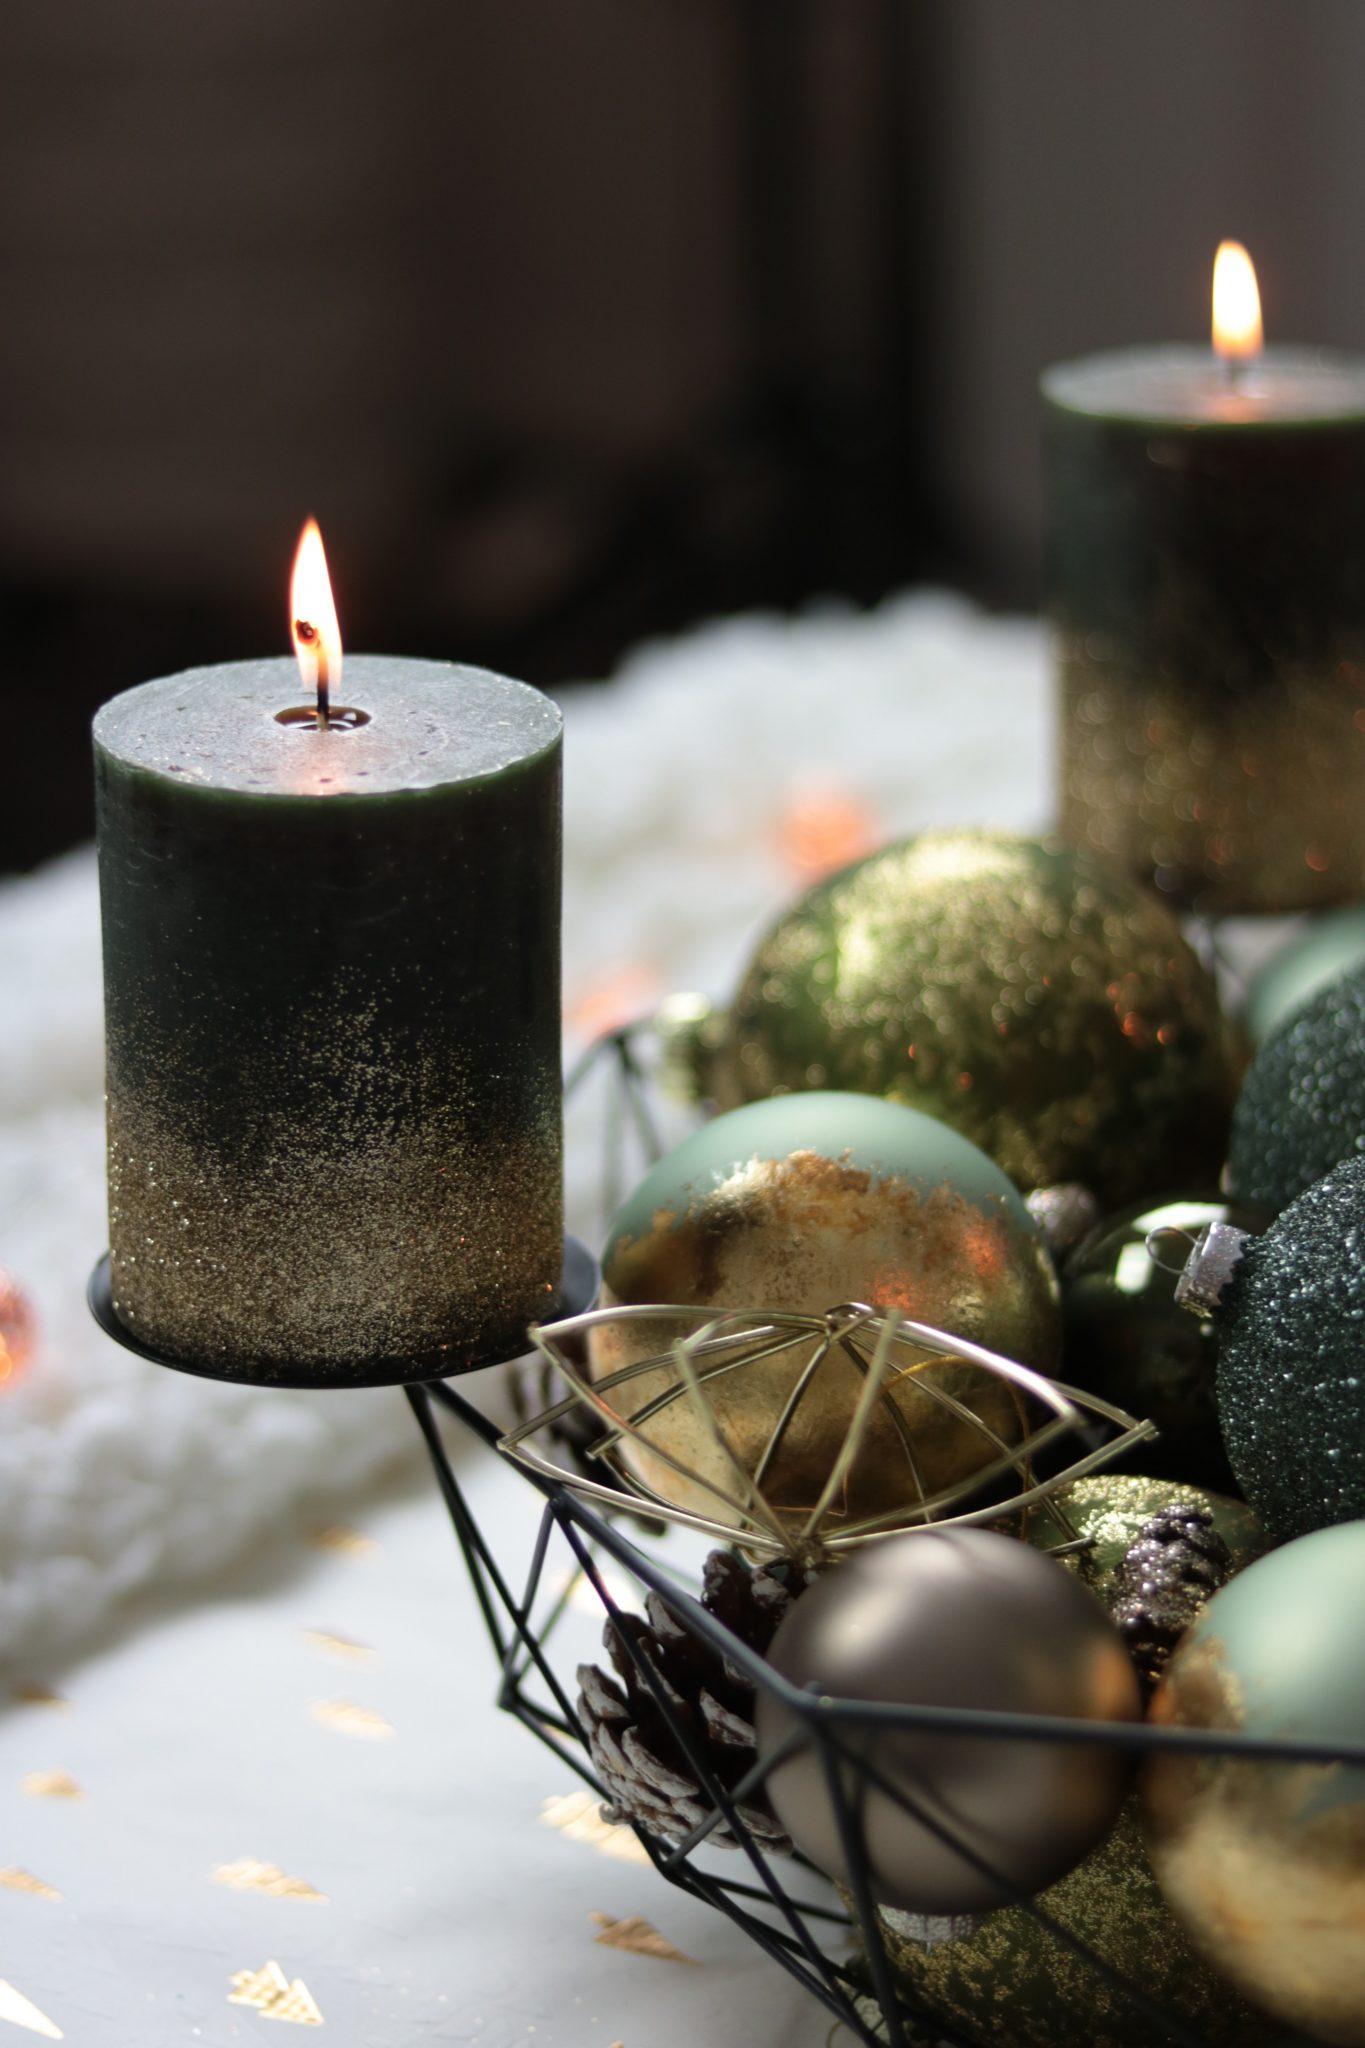 die besten ideen zum adventskranz selber machen tipps anleitungen. Black Bedroom Furniture Sets. Home Design Ideas